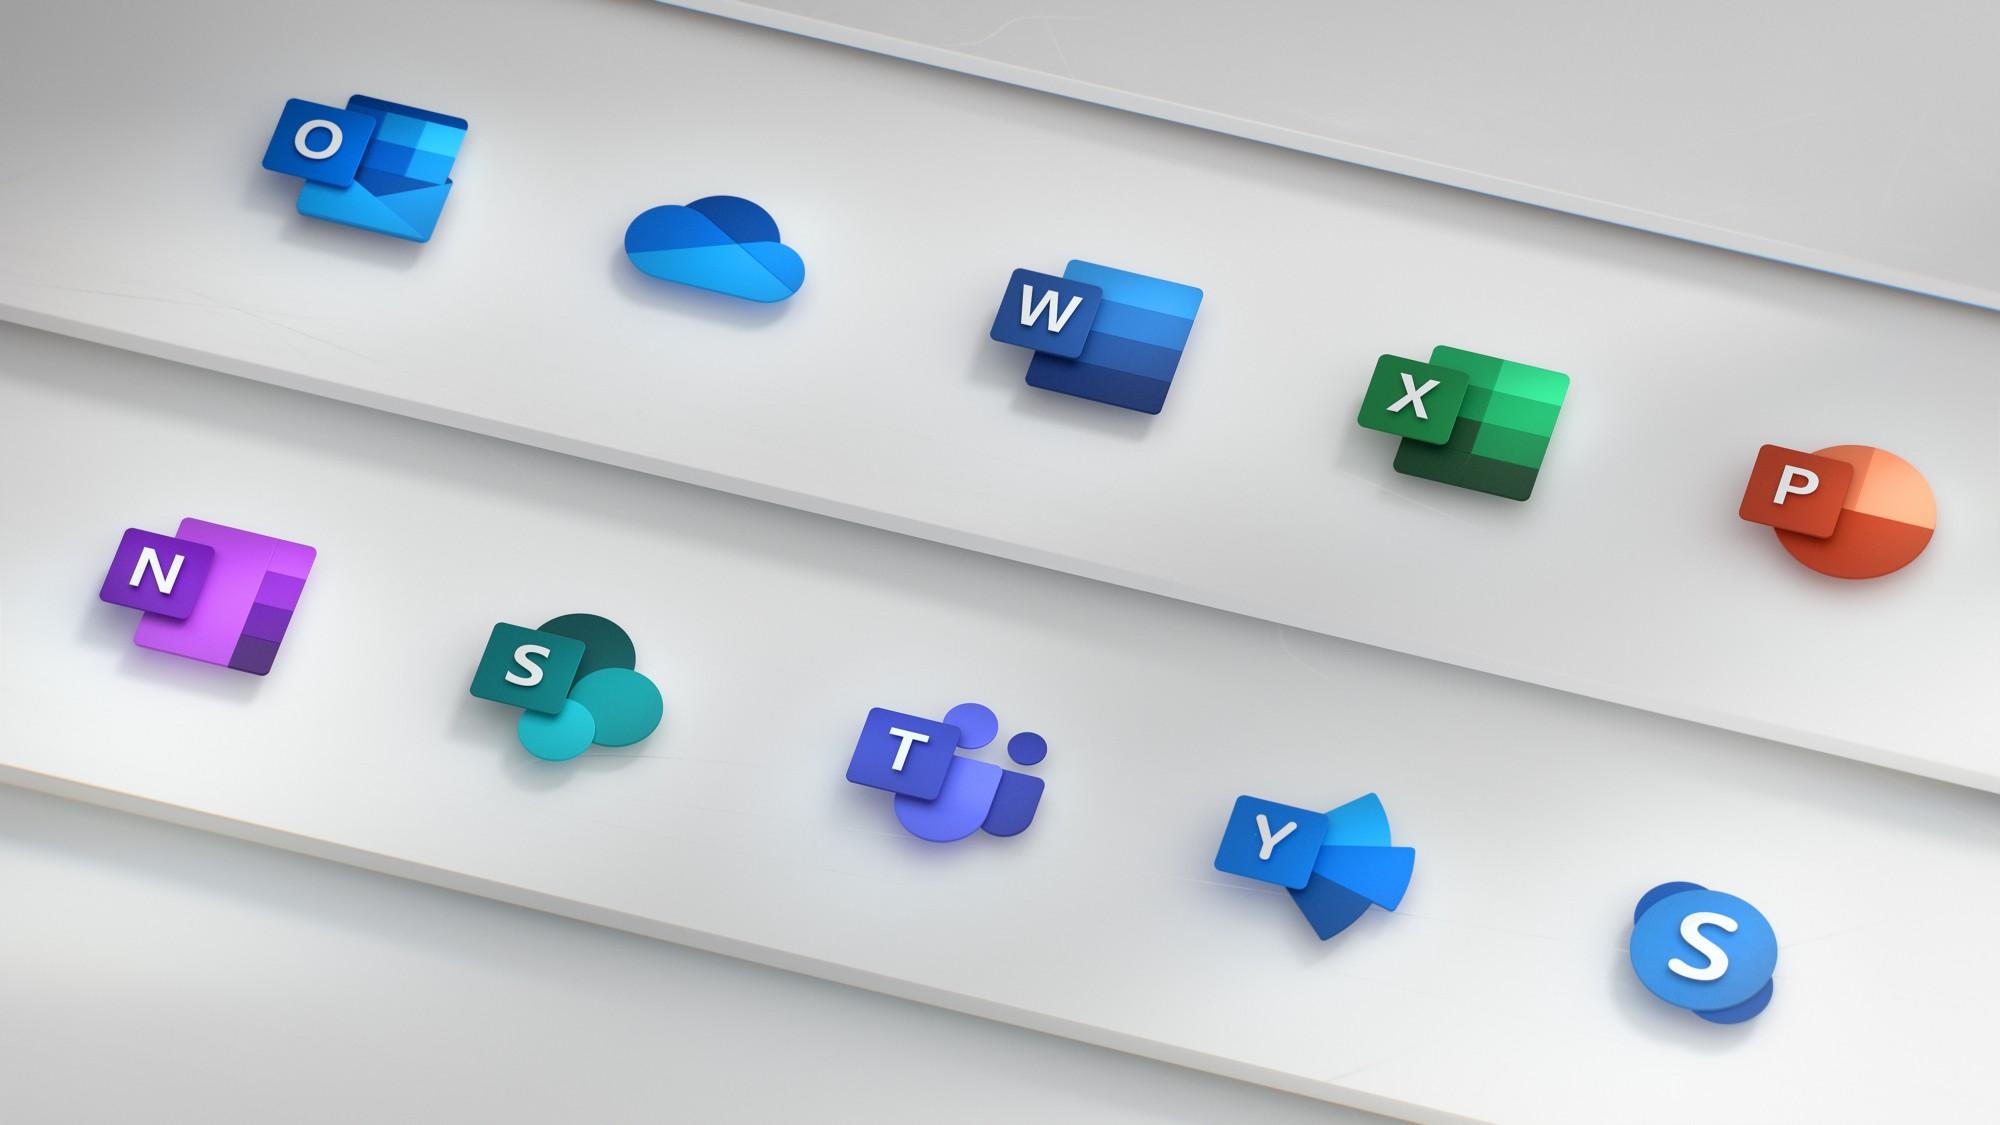 Applications : Office 365 plébiscitée, KnowBe4 en croissance